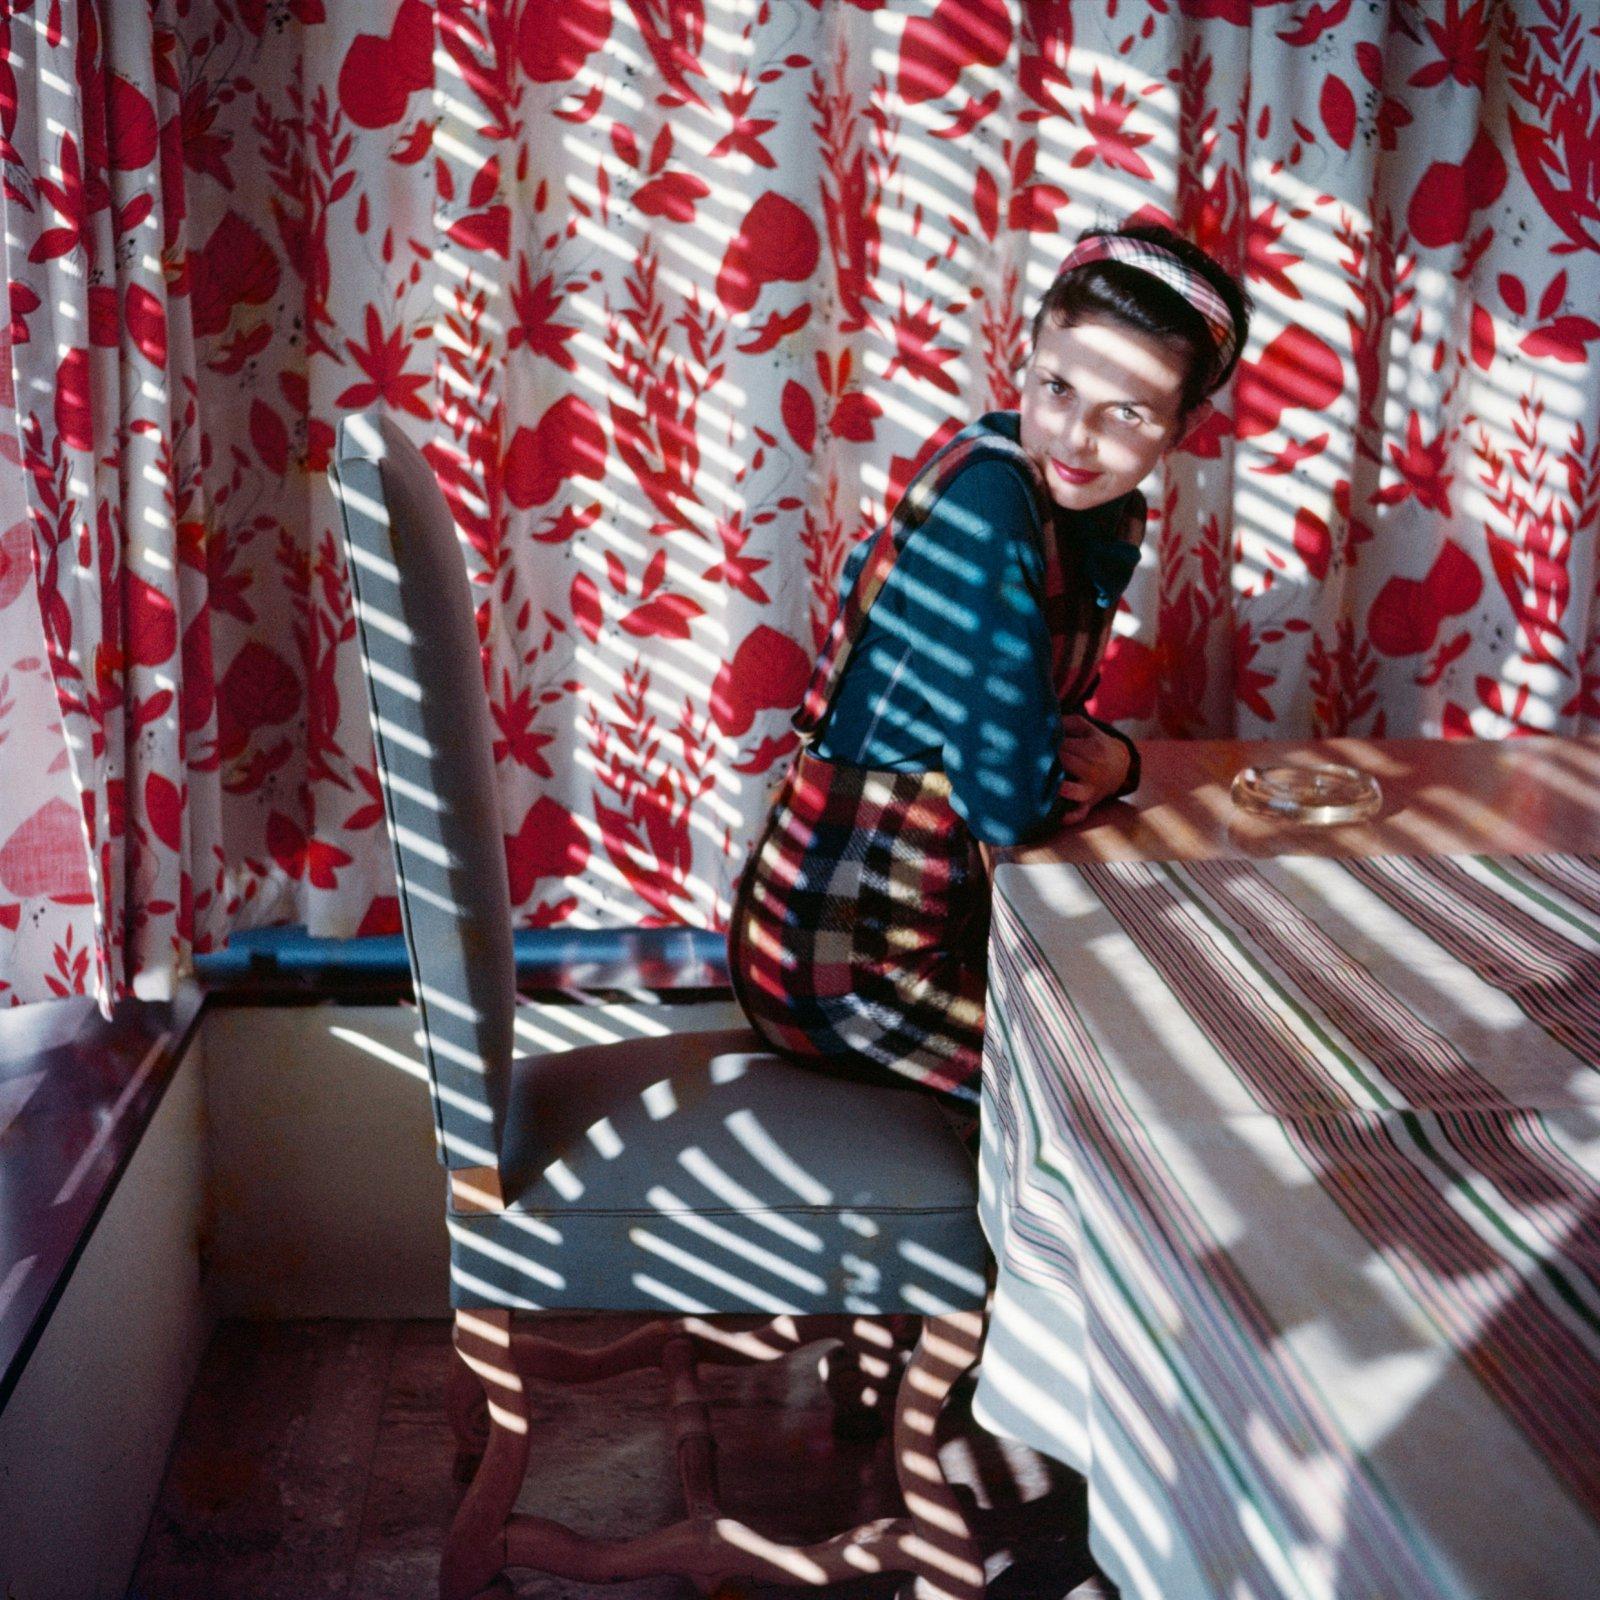 Florette. Vence, 1954. Photographie J. H. Lartigue © Ministère de la Culture - France / AAJHL